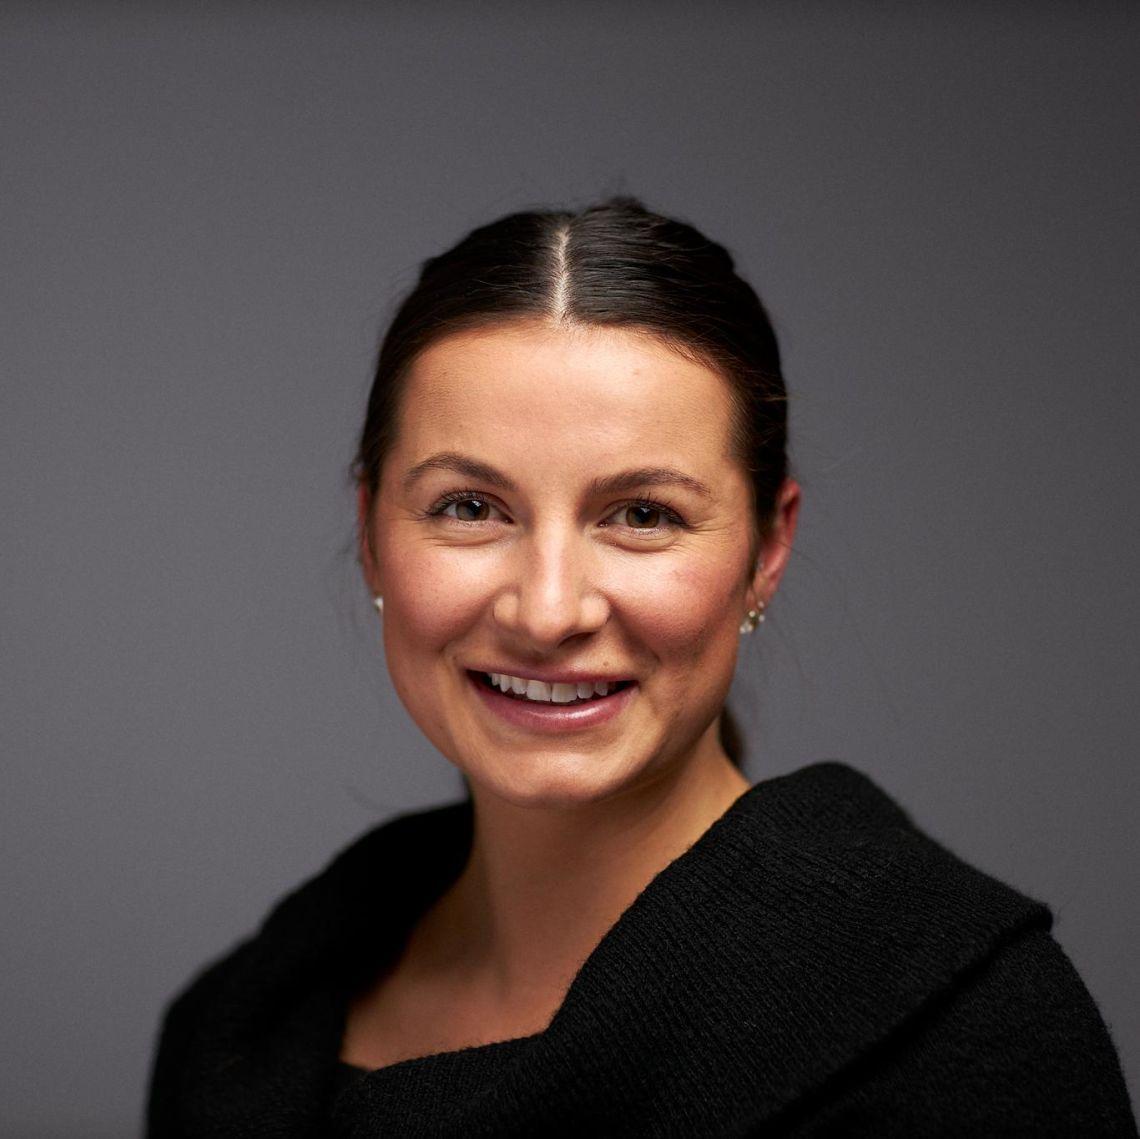 Danielle Hoare